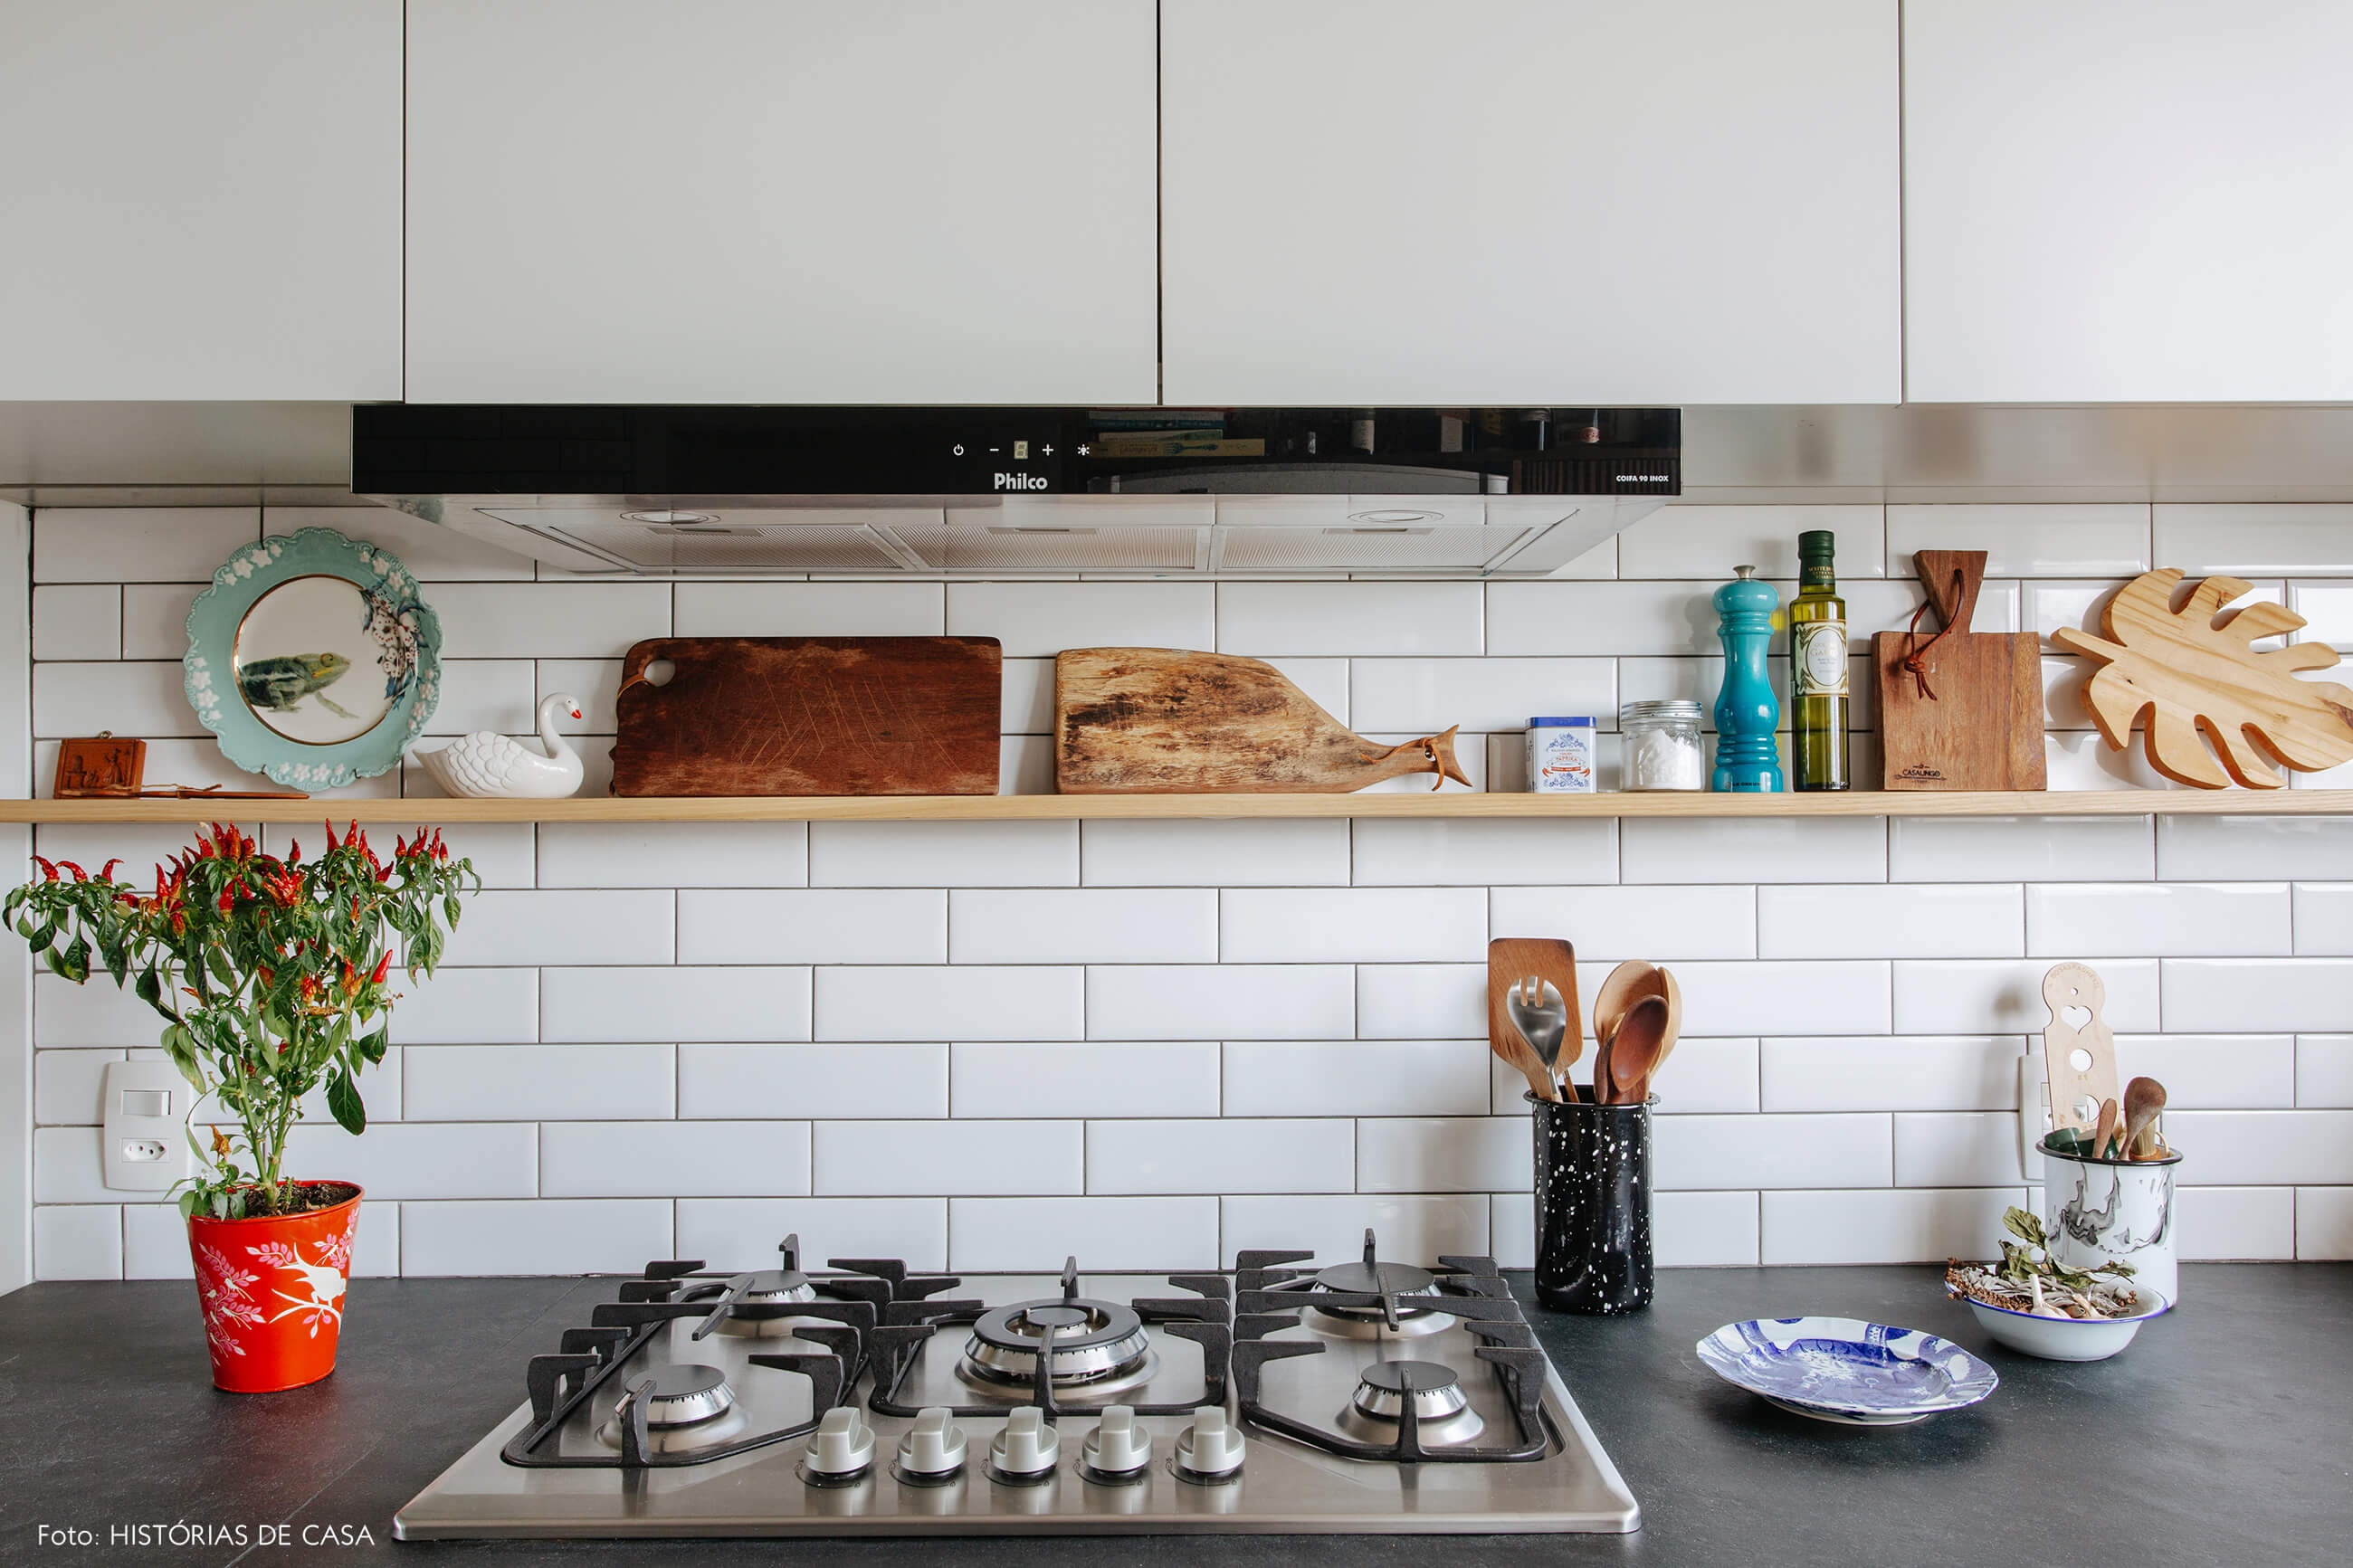 Cozinha reformada, marcenaria em tons claros e frontão de subway tiles